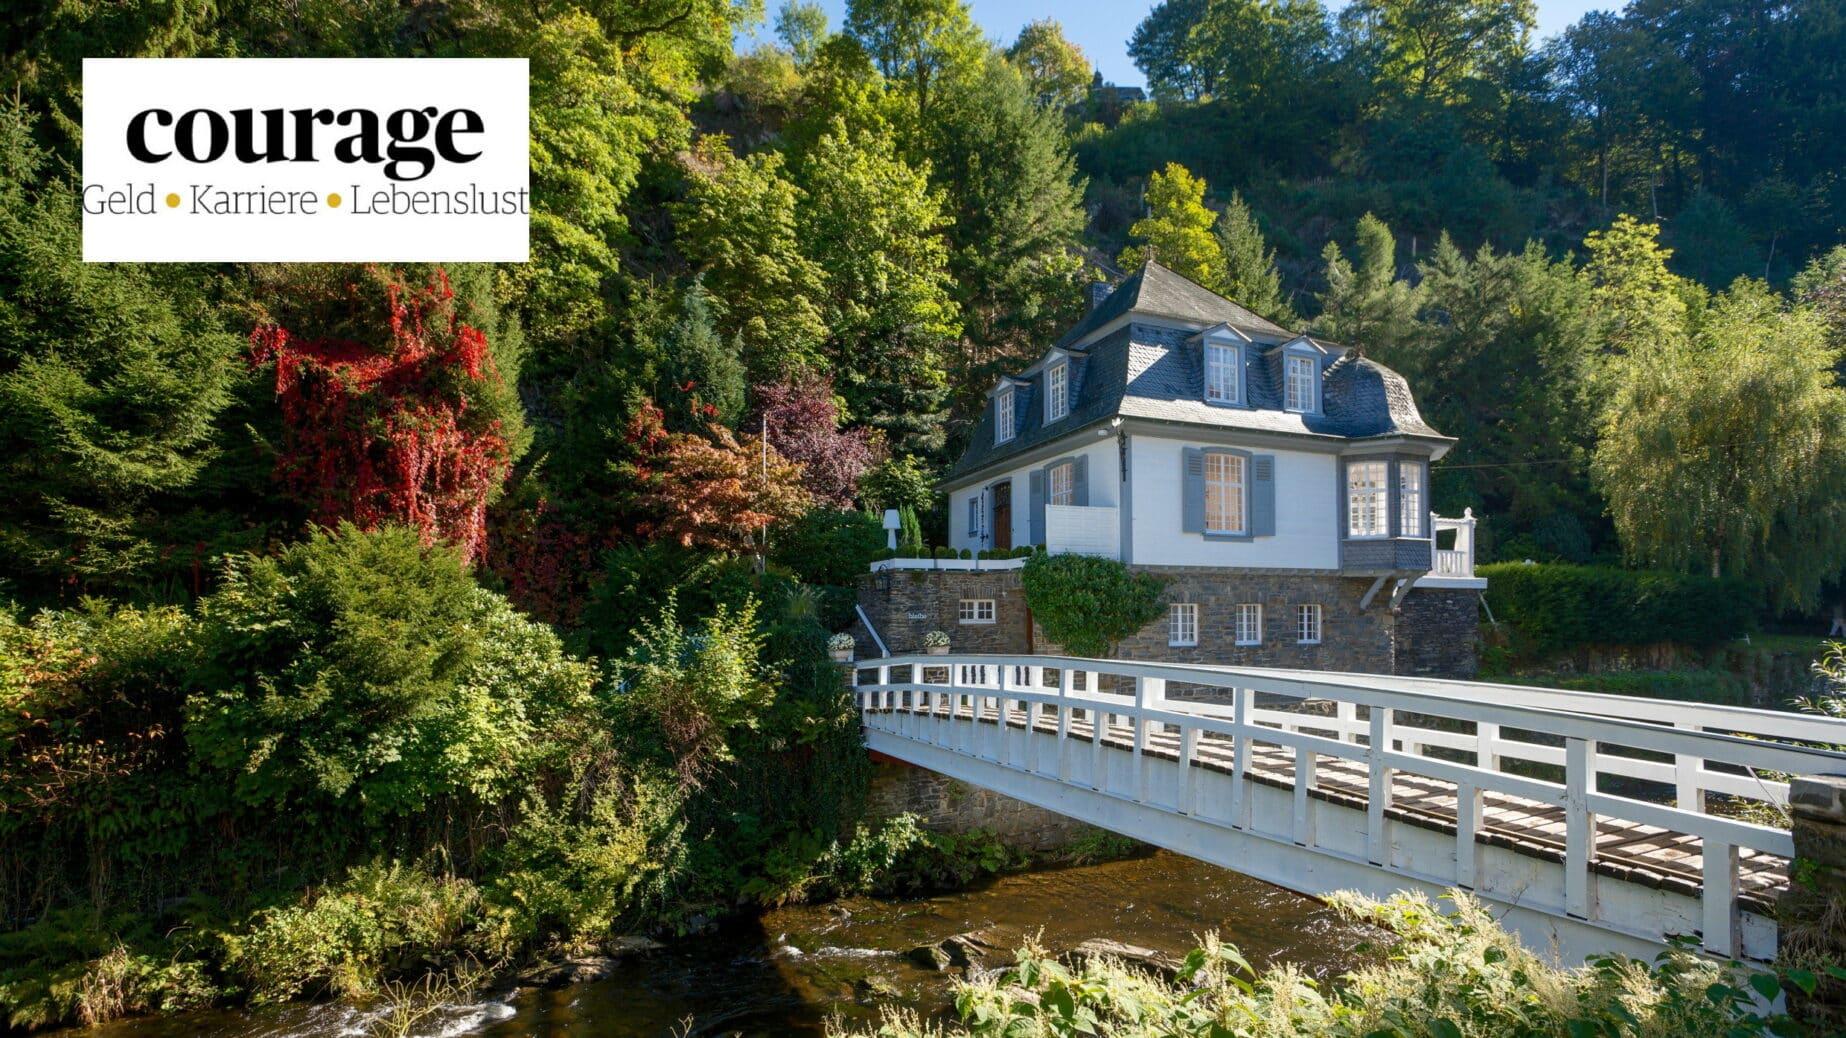 Urlaubsarchitektur im Magazin Courage